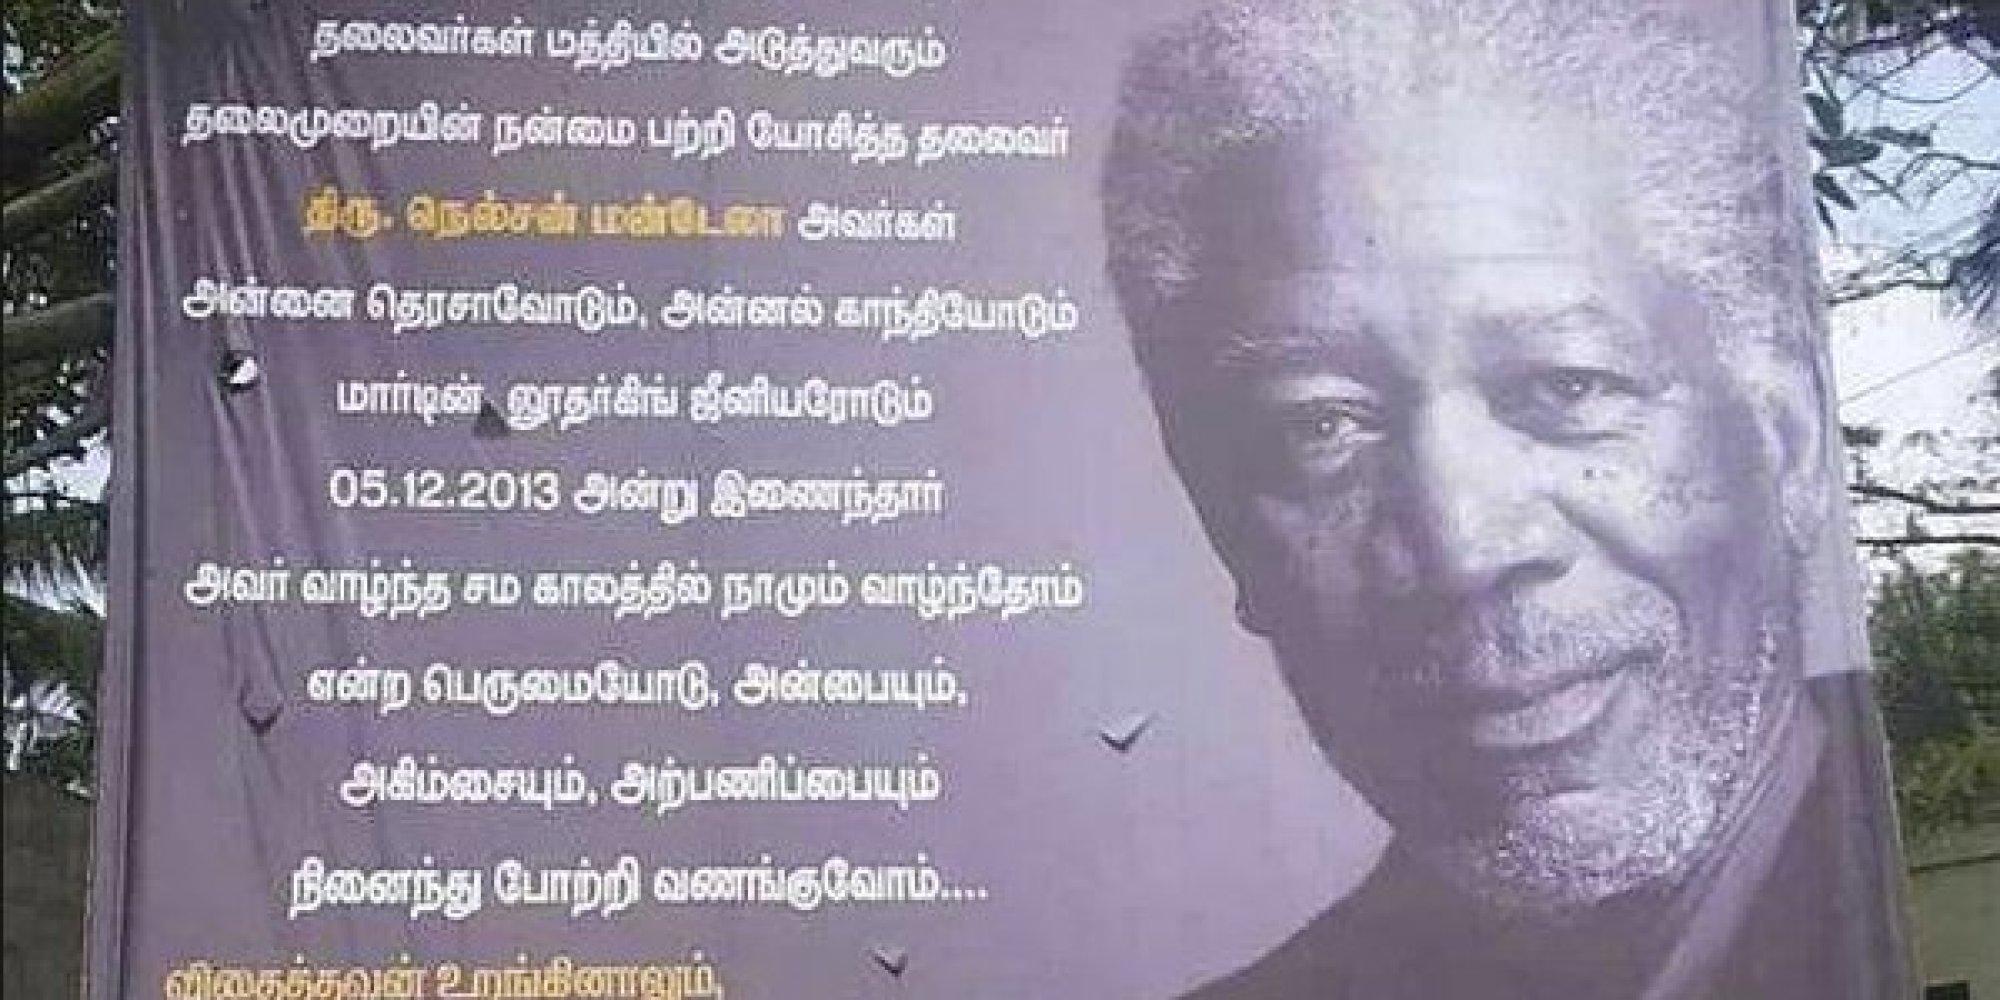 Morgan Freeman Mistaken For Nelson Mandela On Public Sign